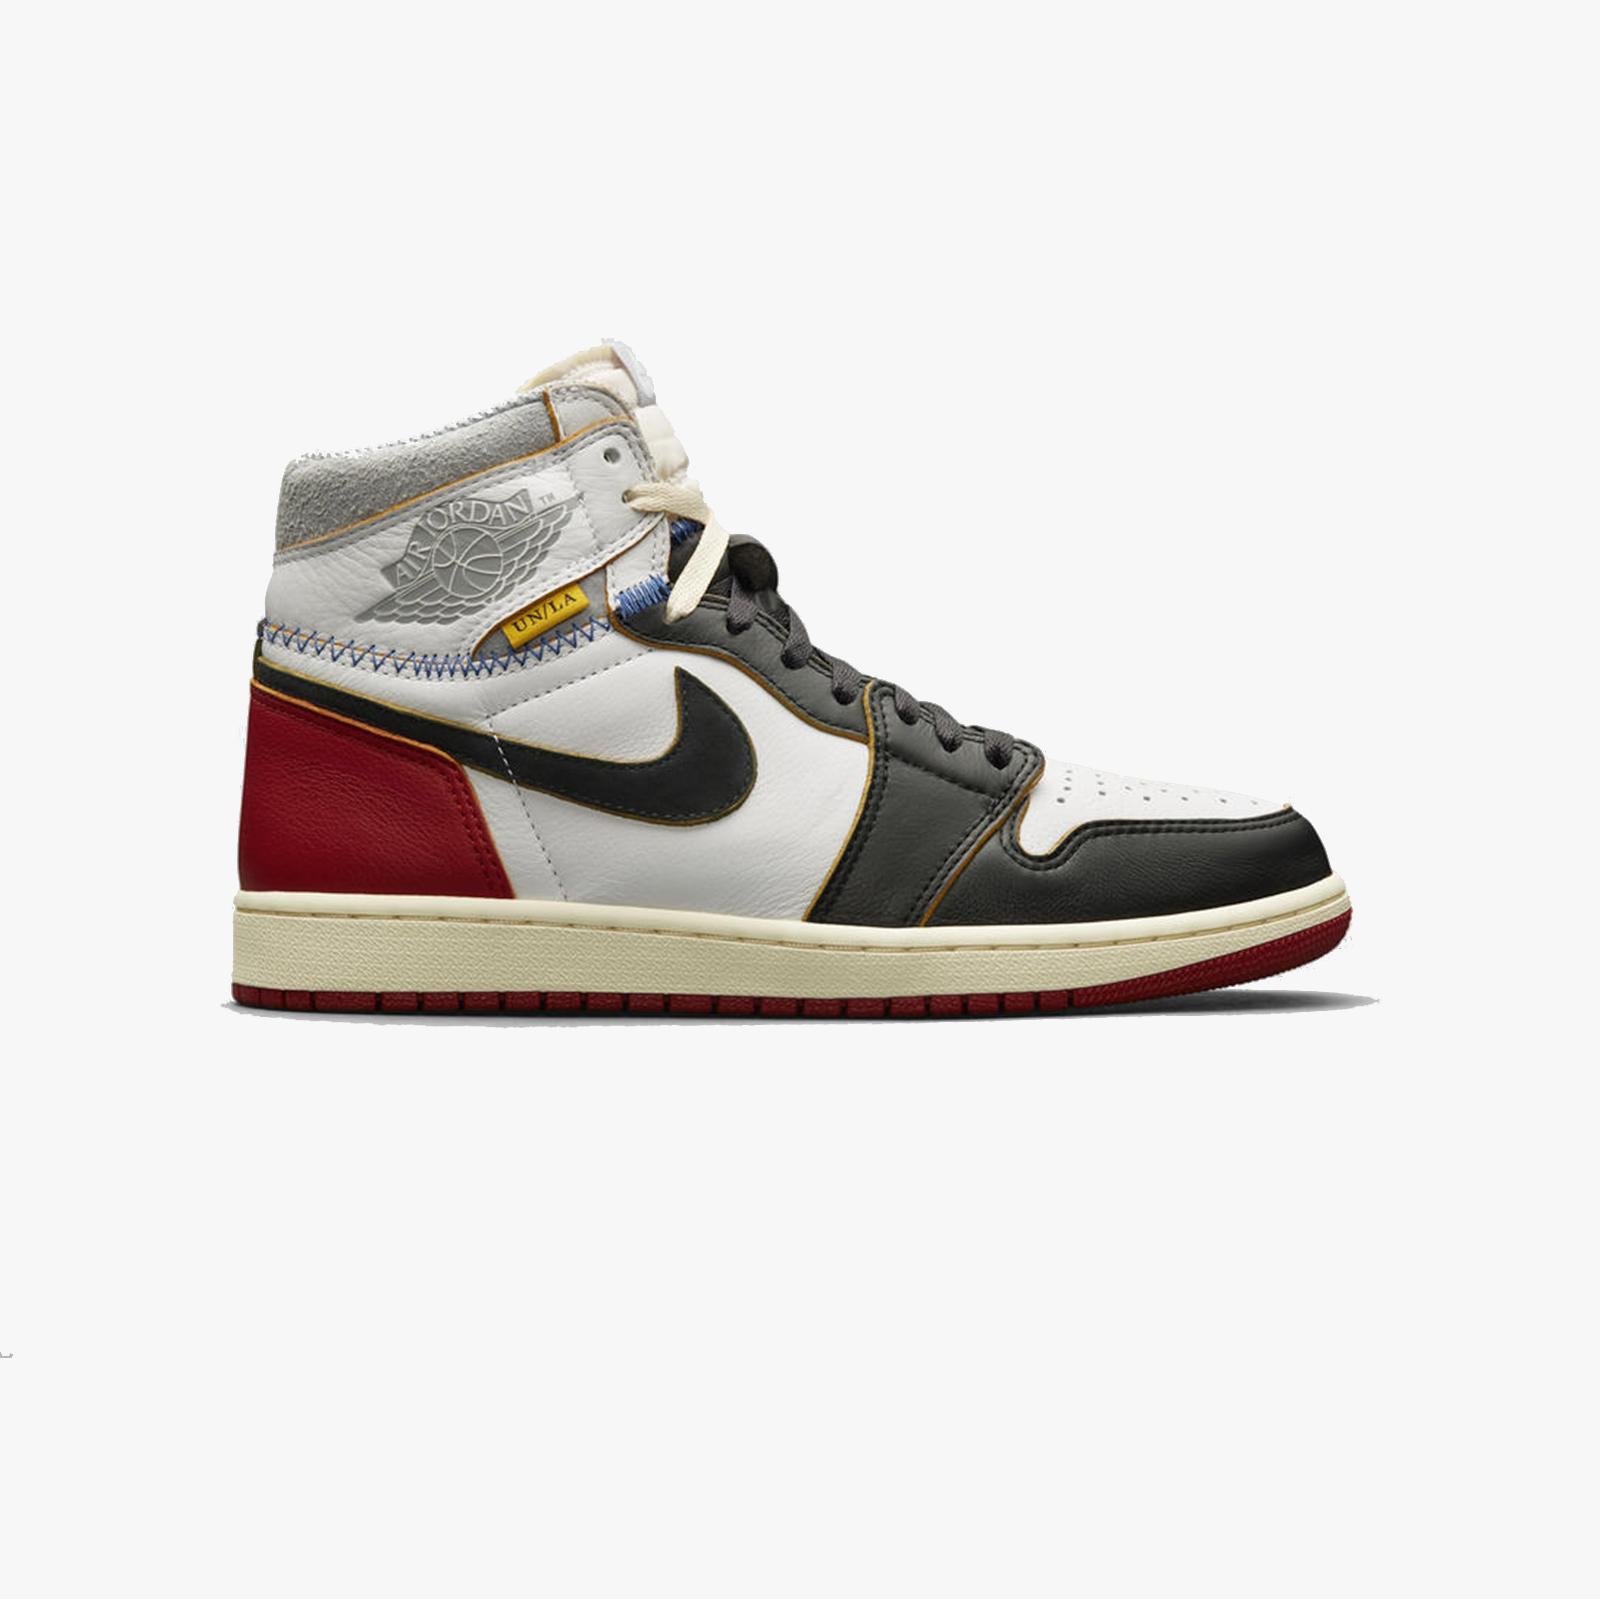 Jordan Brand Air Jordan 1 Retro Hi NRG   Union - Bv1300-106 ... c397cb59b